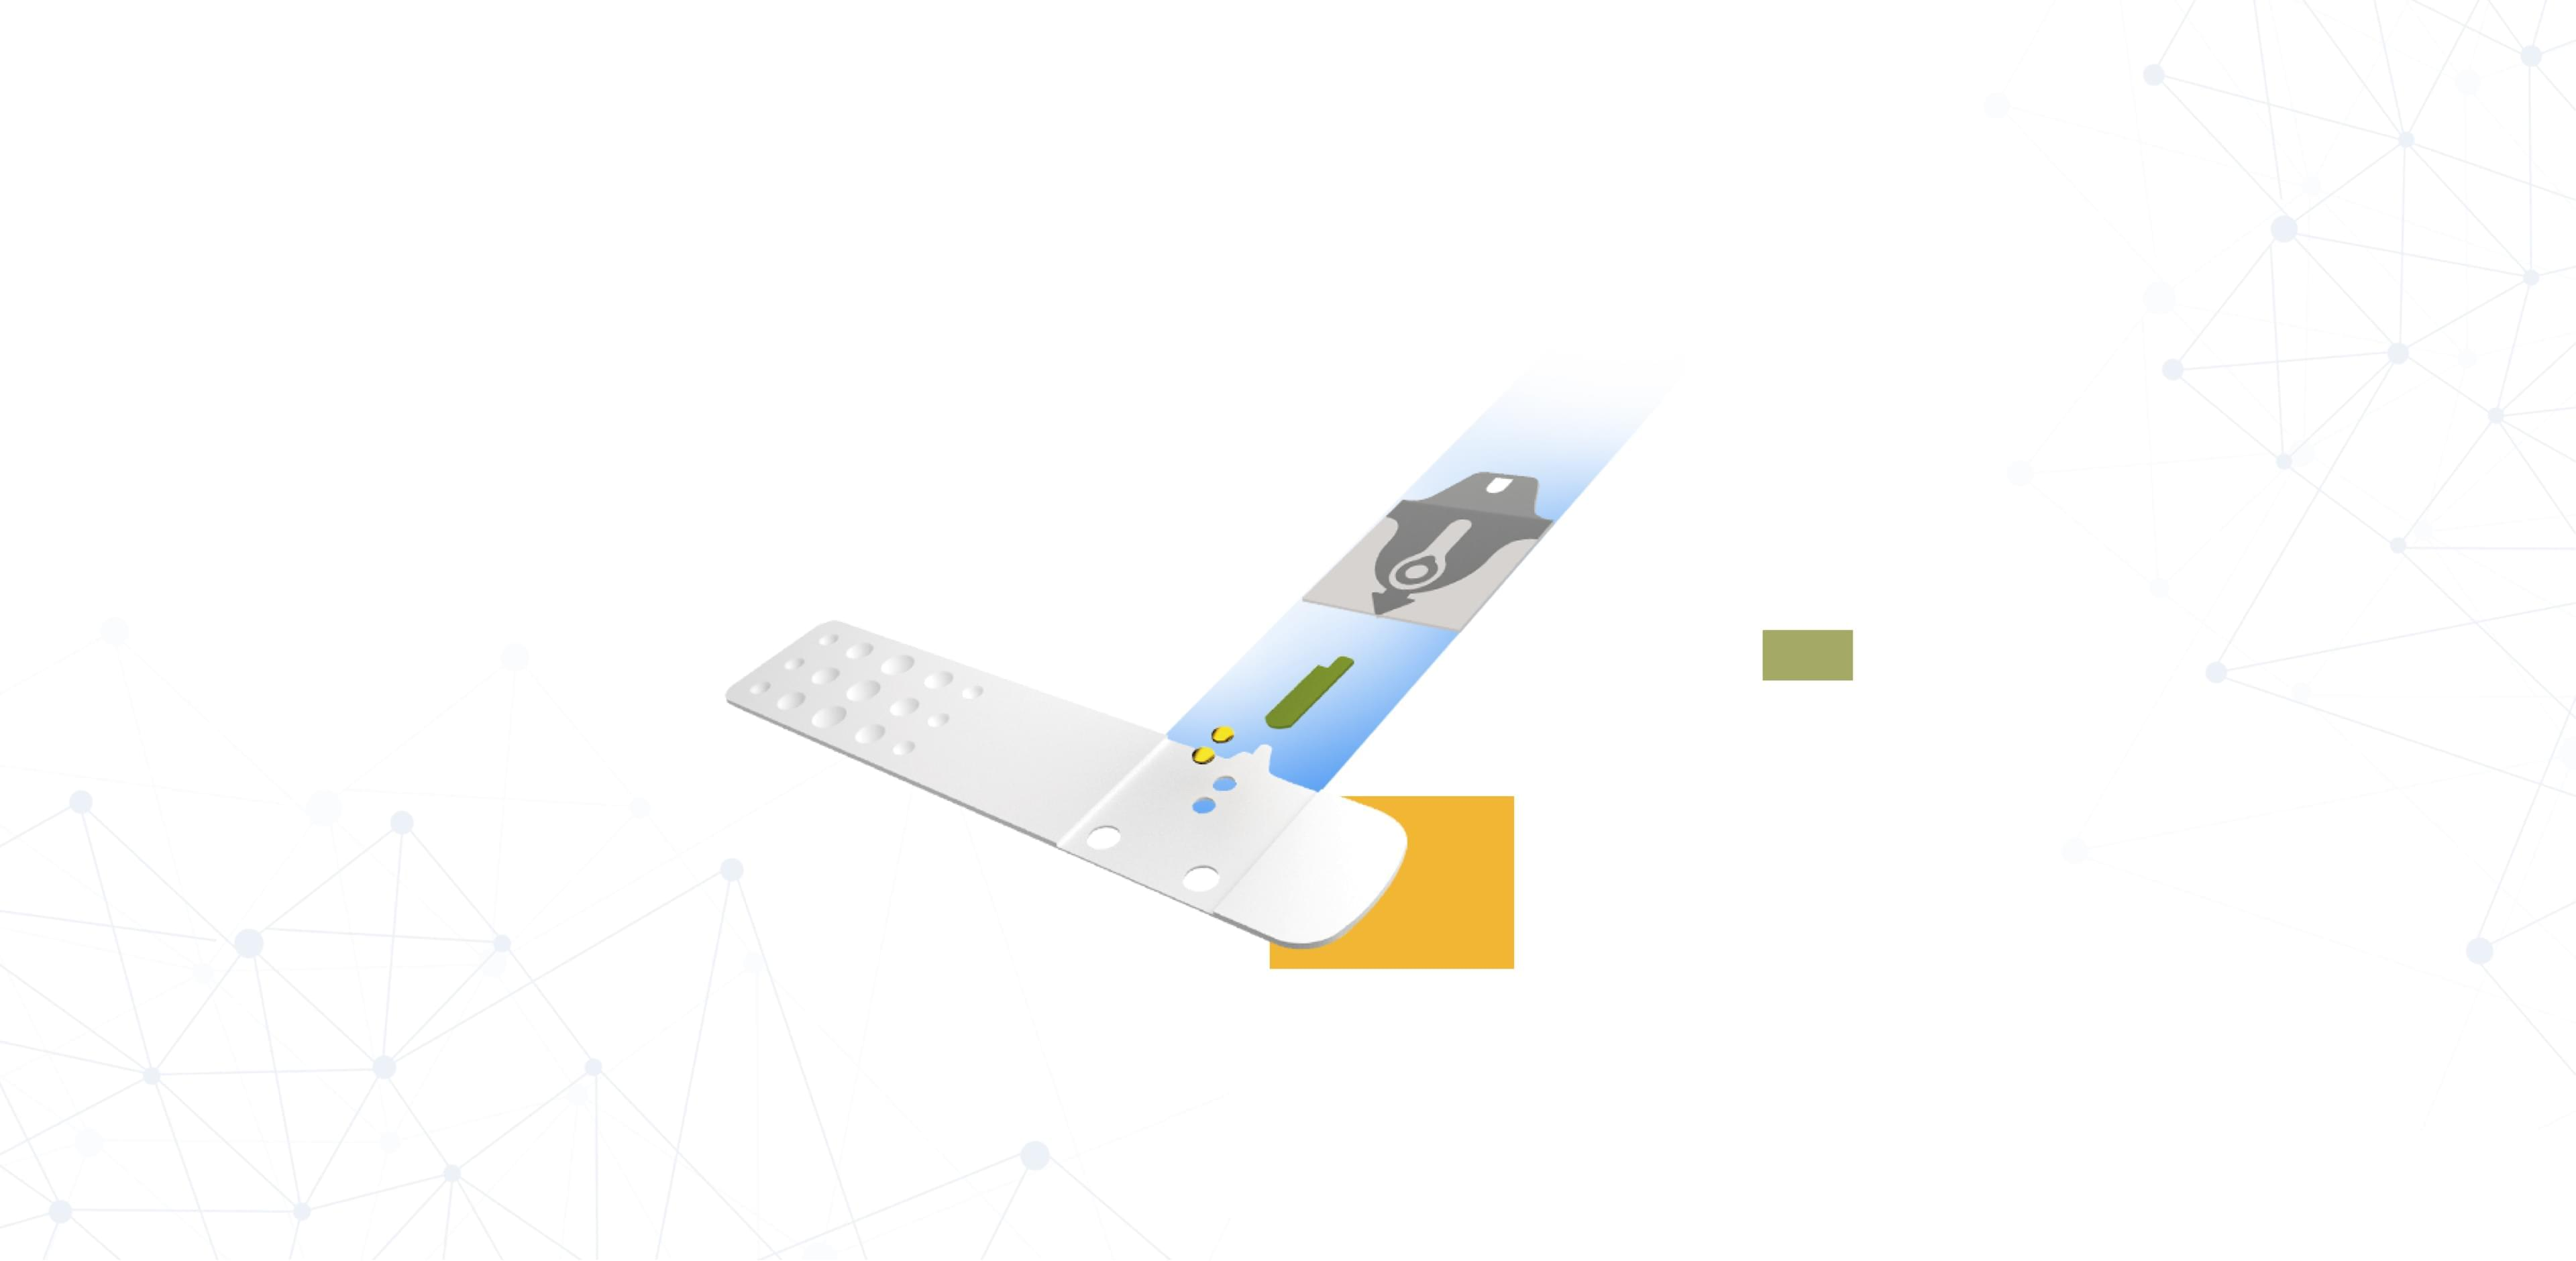 黄金电极专利技术  点对点传输更精准